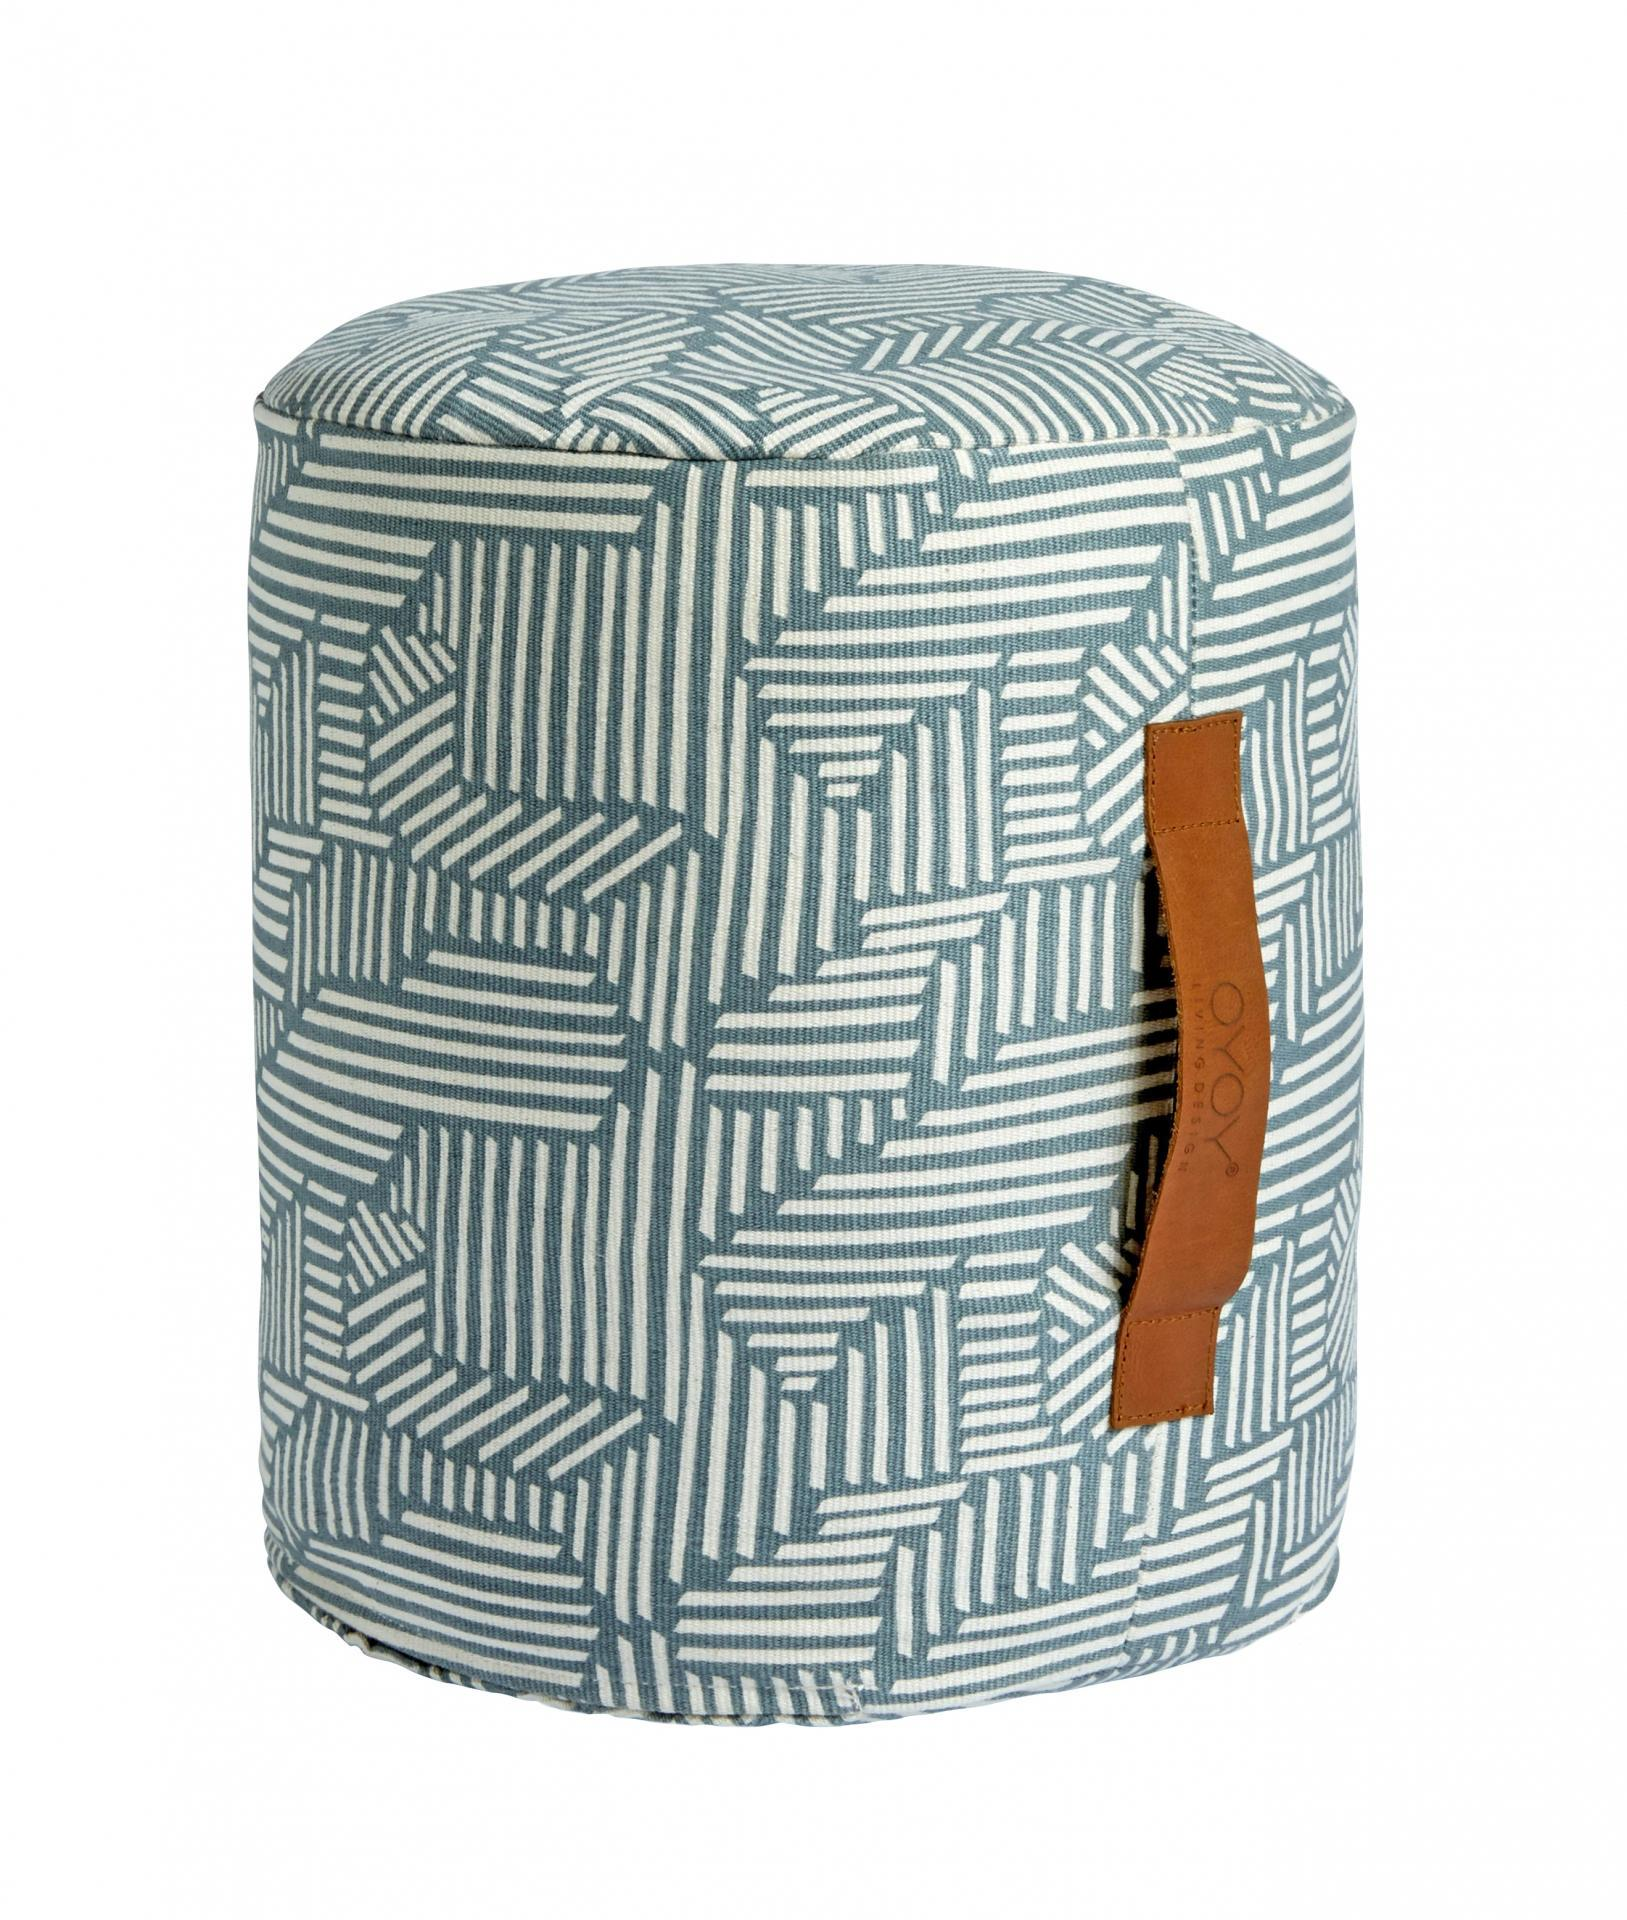 OYOY Sedací puf Paddy Tourmaline, zelená barva, šedá barva, plast, textil